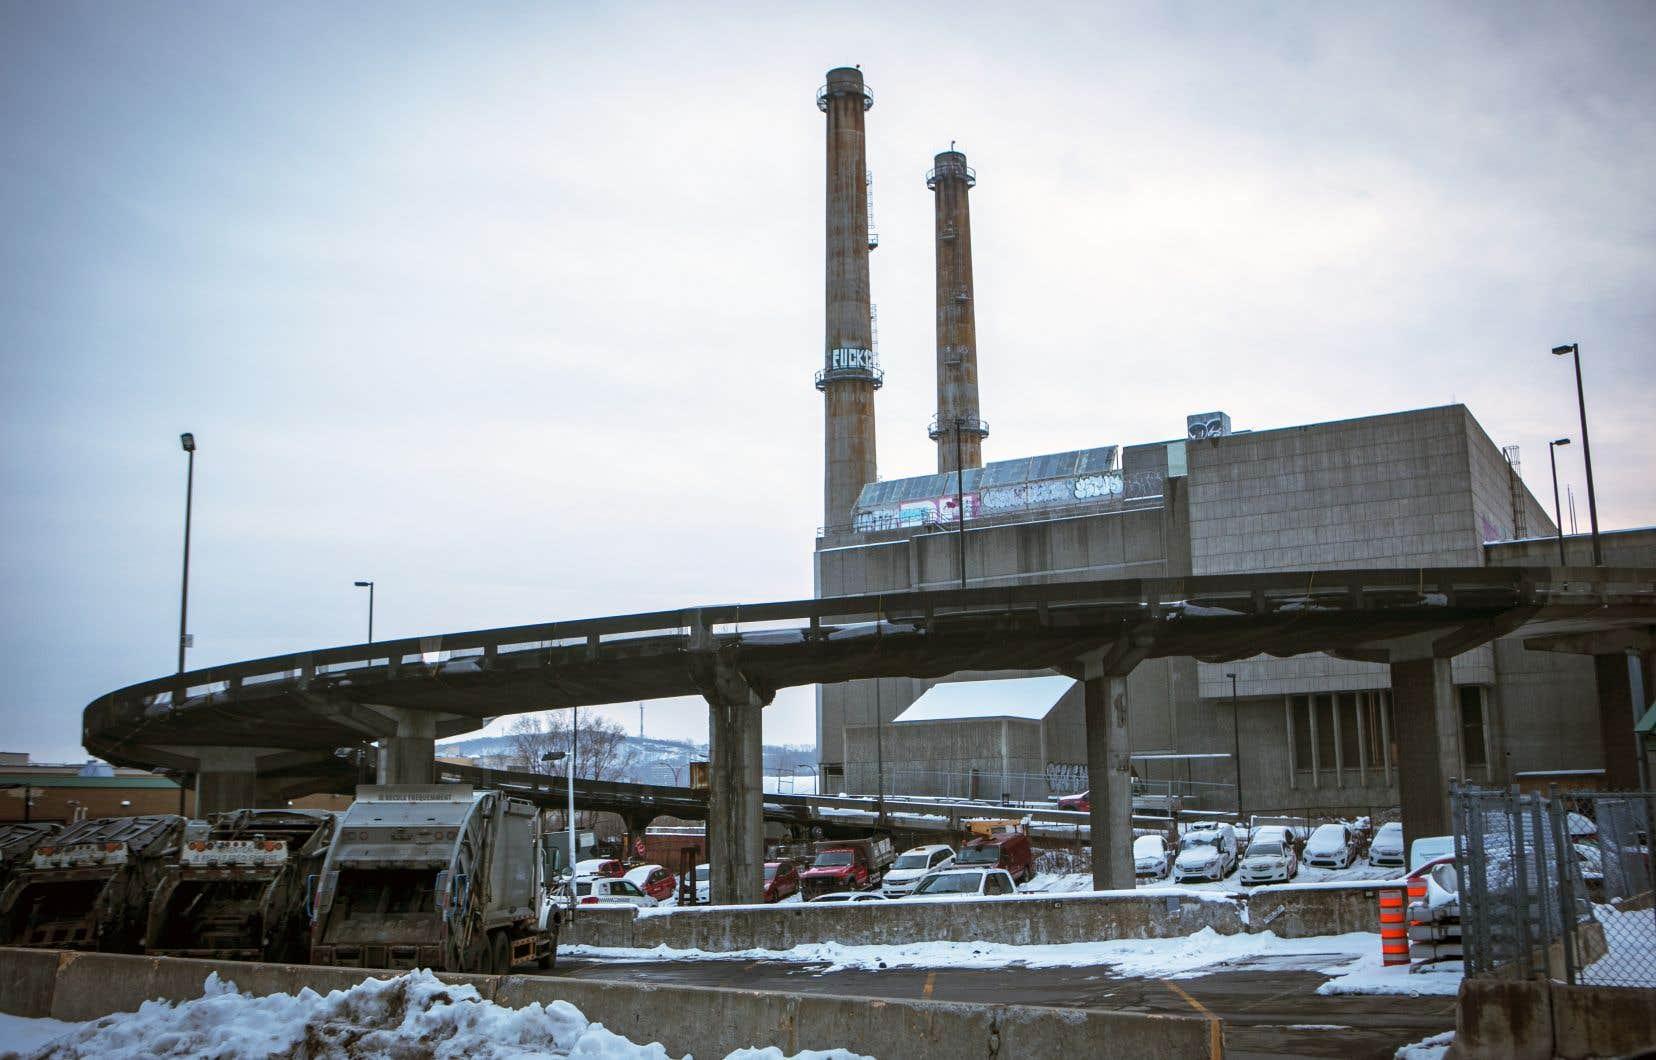 L'édifice construit en1970, où des tonnes de déchets ont été brûlées pendant plus de 20ans, est lourdement contaminé.